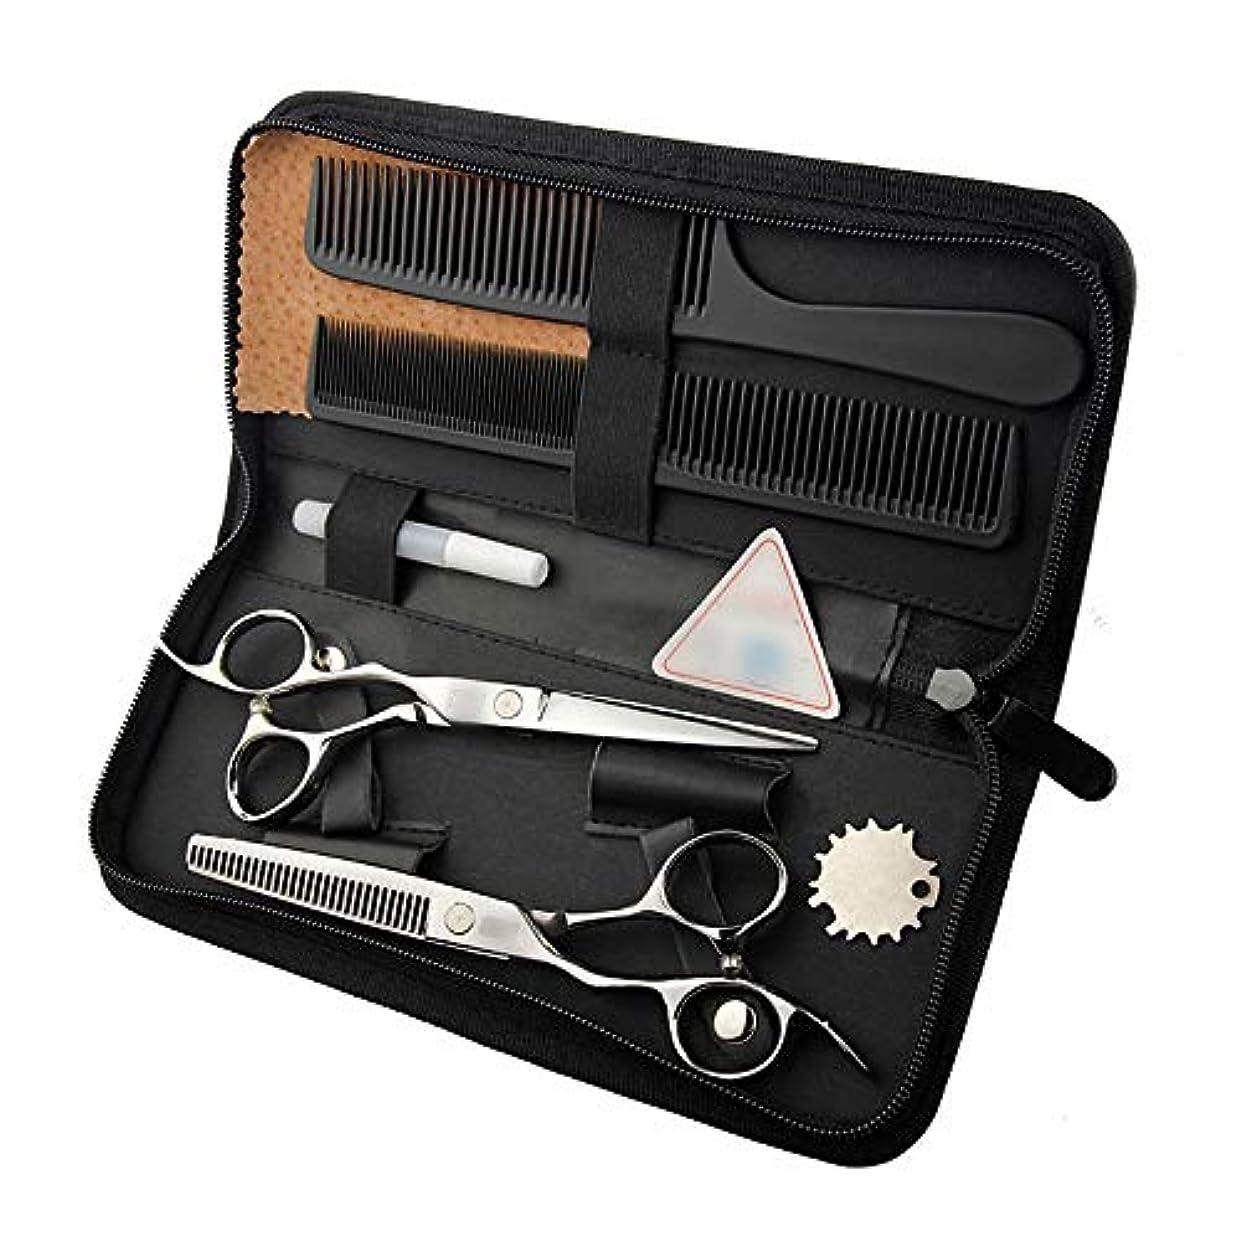 動力学ジャグリング肌6インチ美容院プロフェッショナル理髪セットフラットはさみ+歯せん断セット、美容院左手はさみセット モデリングツール (色 : Silver)